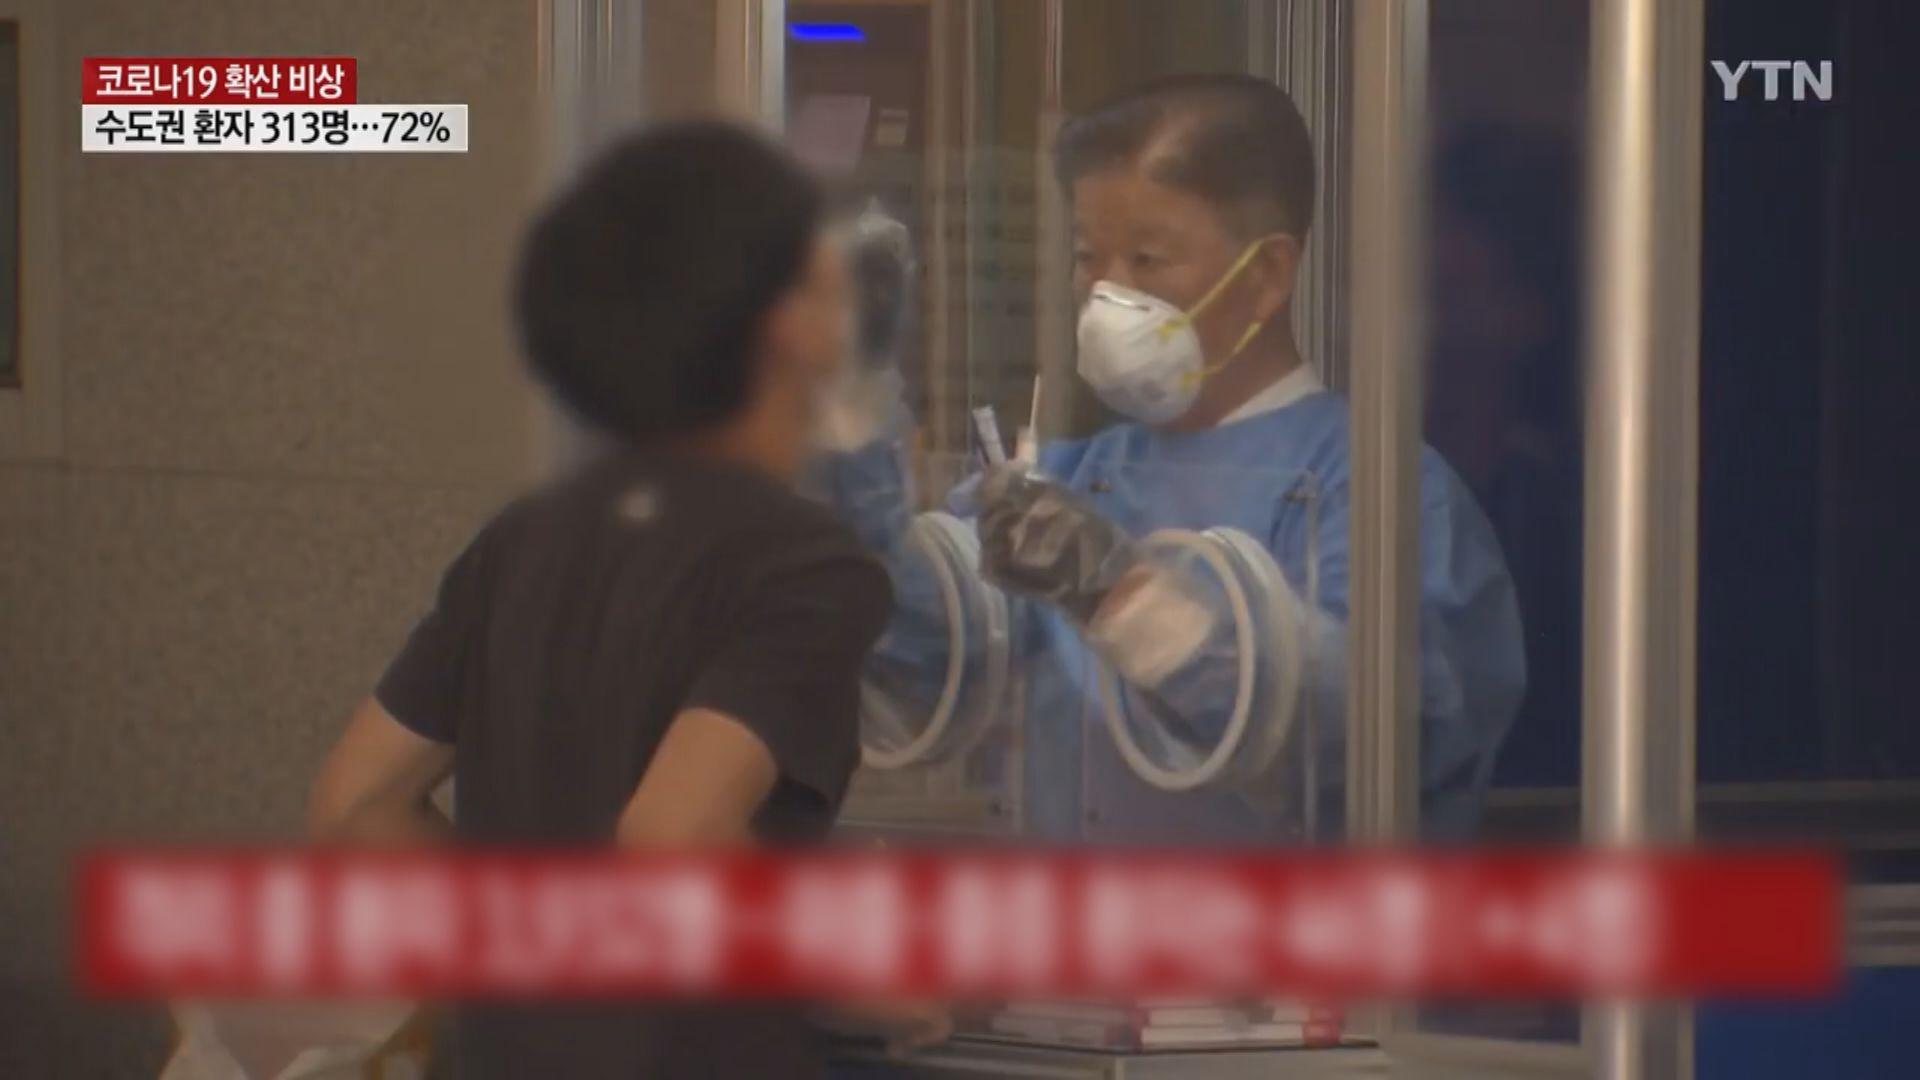 南韓增1316宗新冠確診 再創疫情以來新高